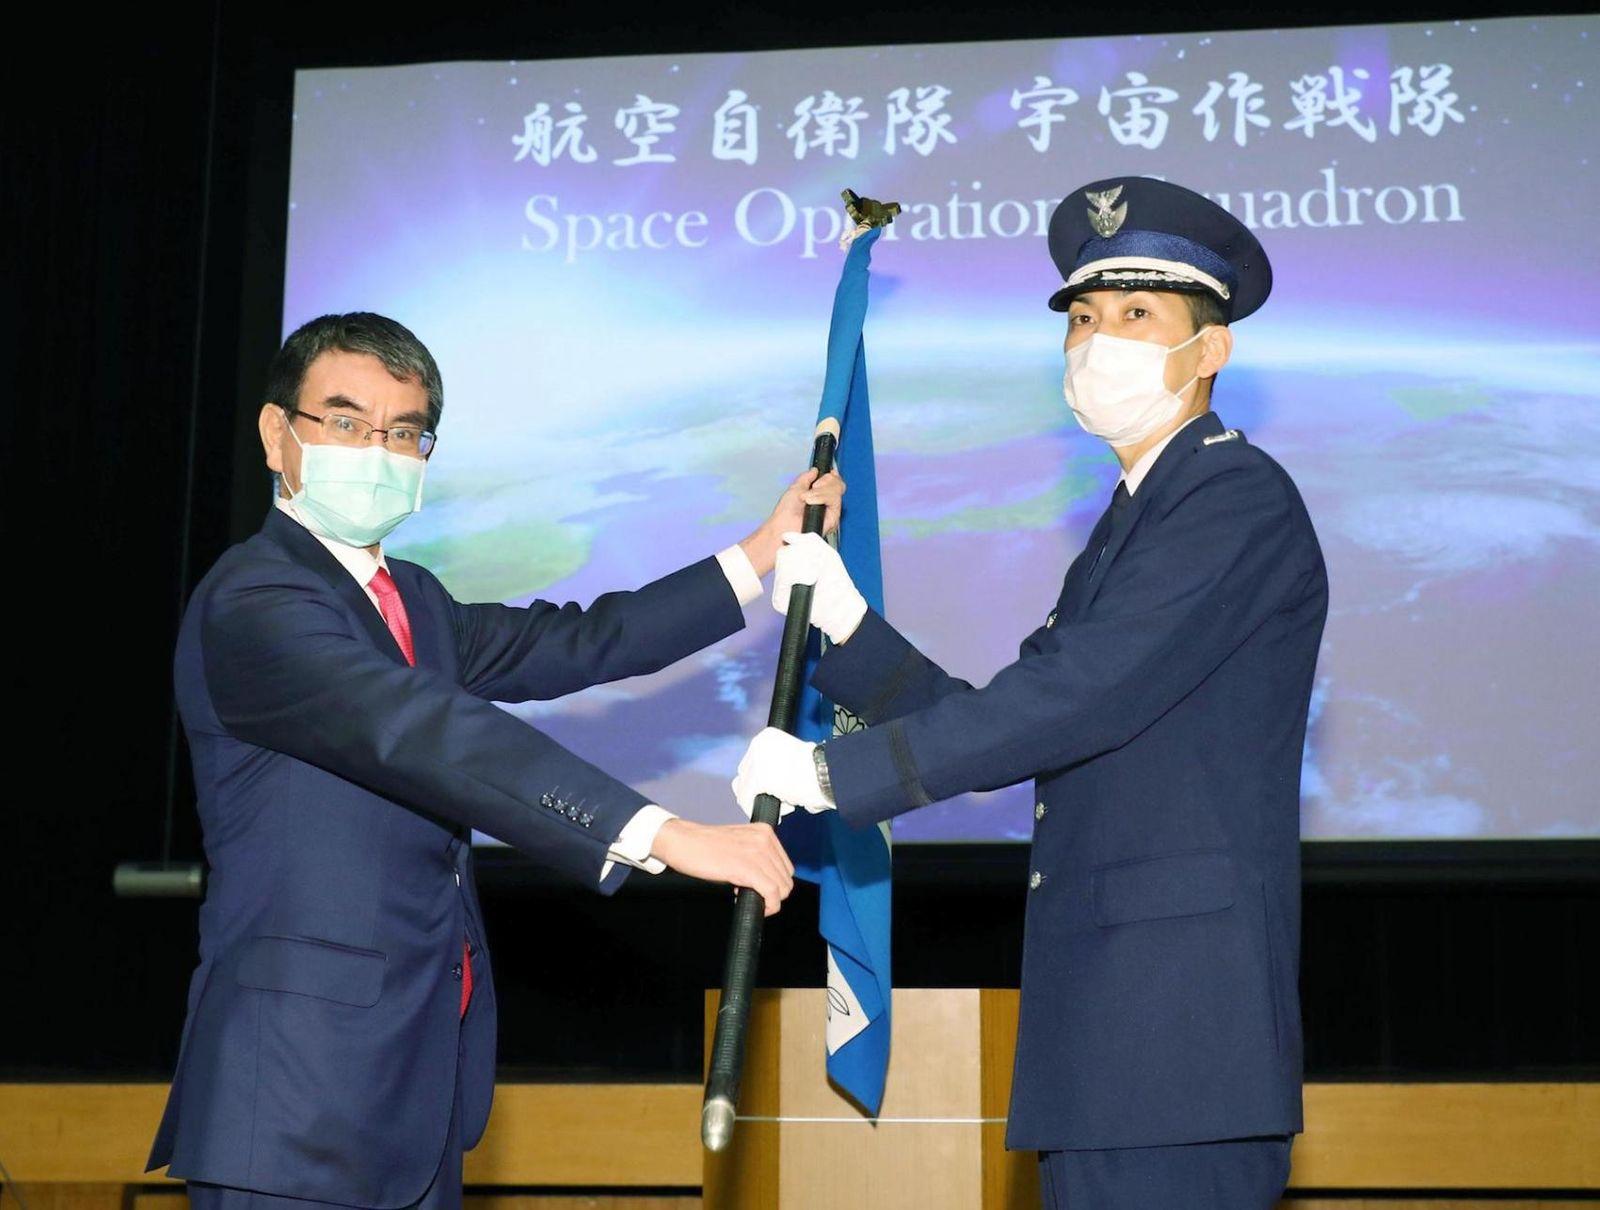 Япон улсын зэвсэгт хүчинд сансрын нэгж шинээр байгуулагдлаа